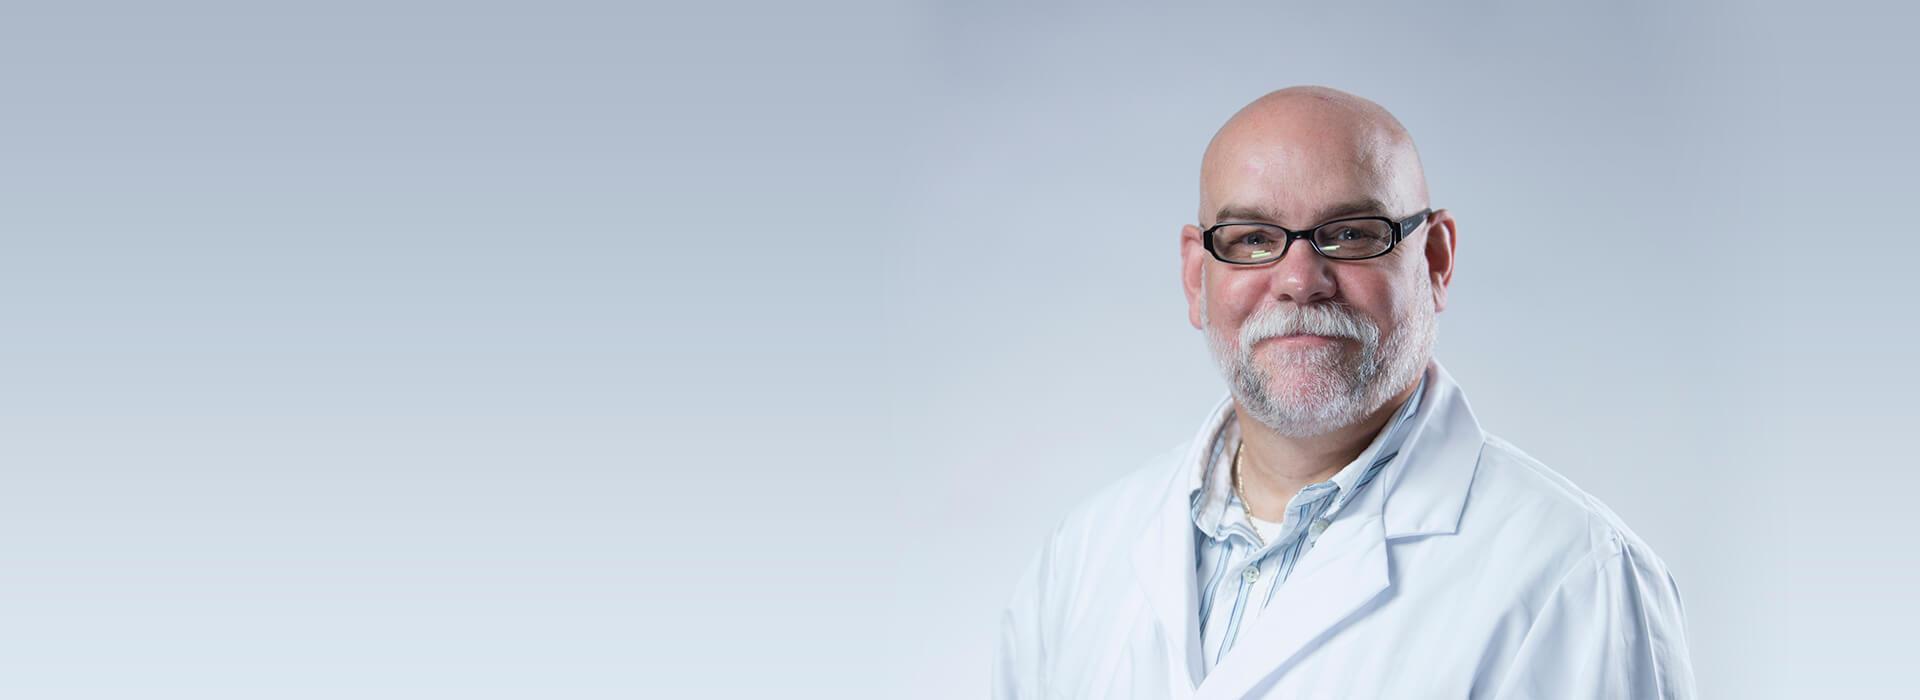 HearingLife Expert Paul Tait